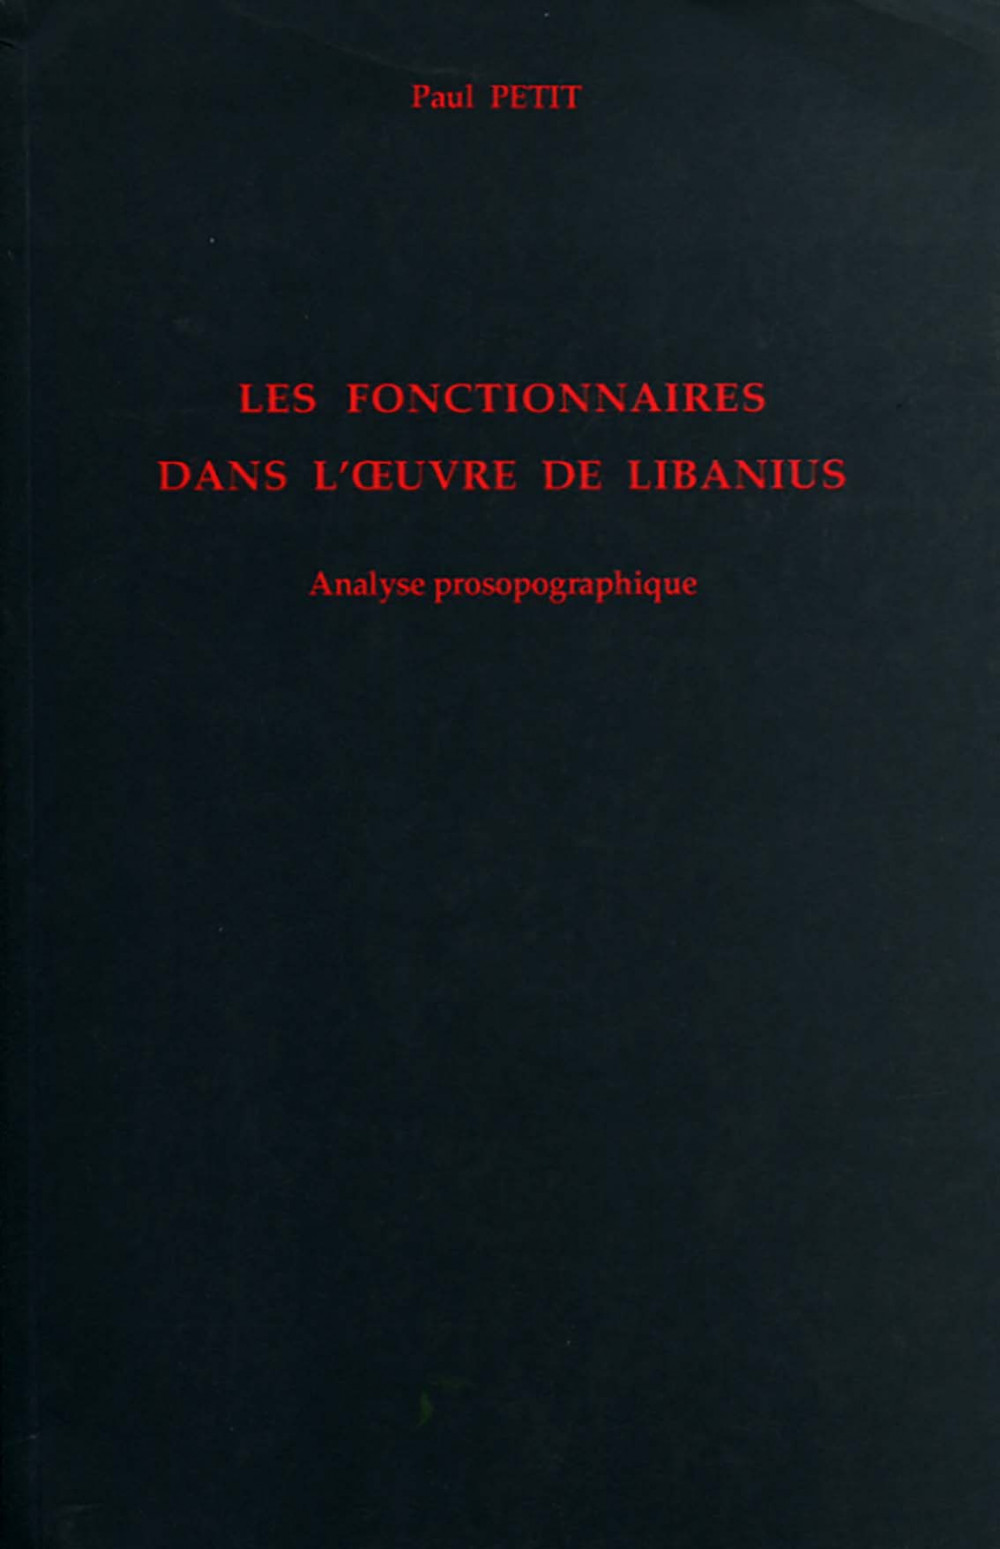 Les fonctionnaires dans l'oeuvre de Libanius.<br> Analyse prosopographique